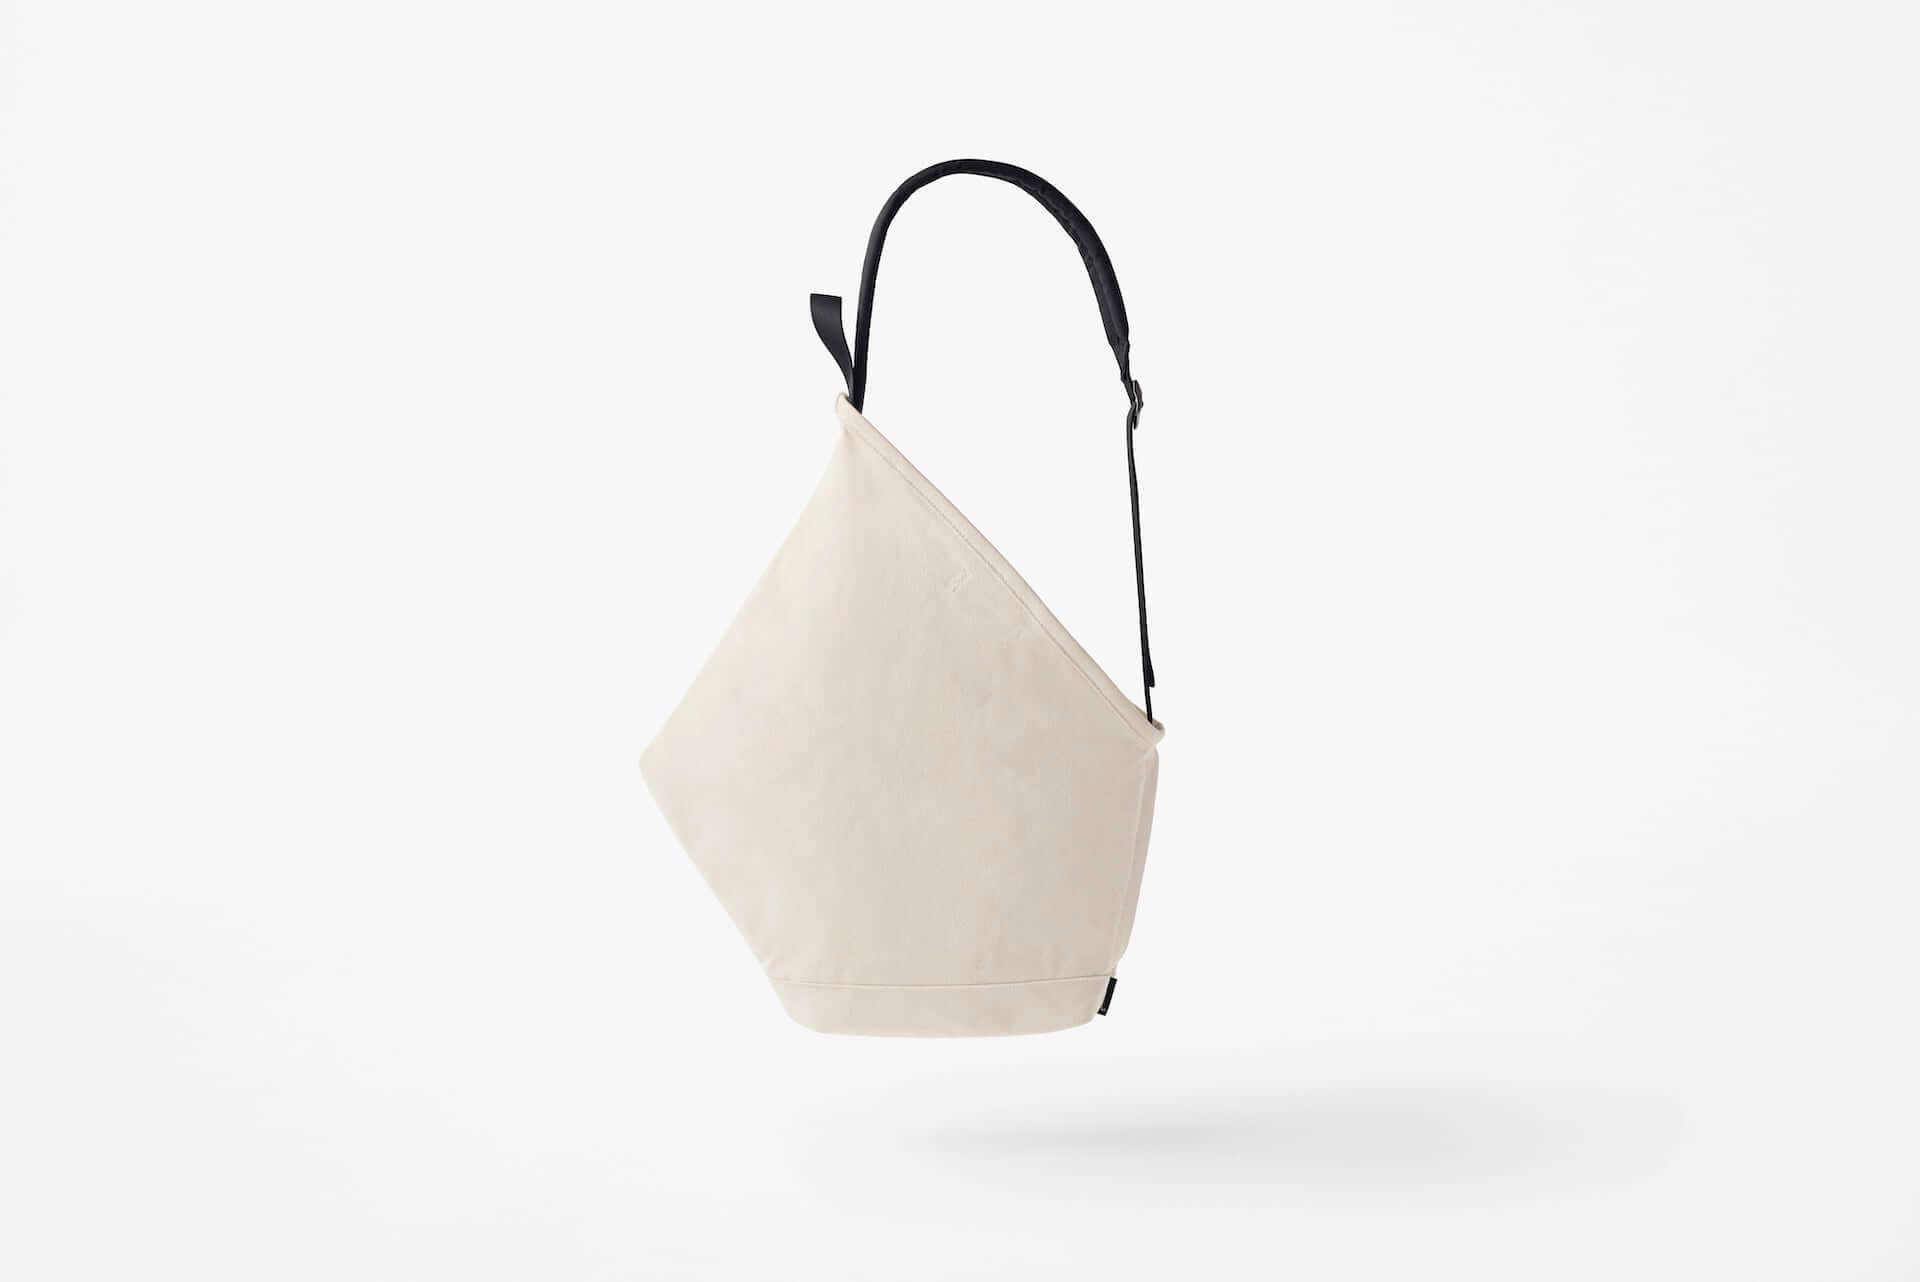 リュックとトートの利便性を兼ね備えたバッグが登場!ROOTOTEとnendoのコラボアイテム「ruck-tote」が発売 408e96b90bda69e00657fe80d6e27683-1920x1282